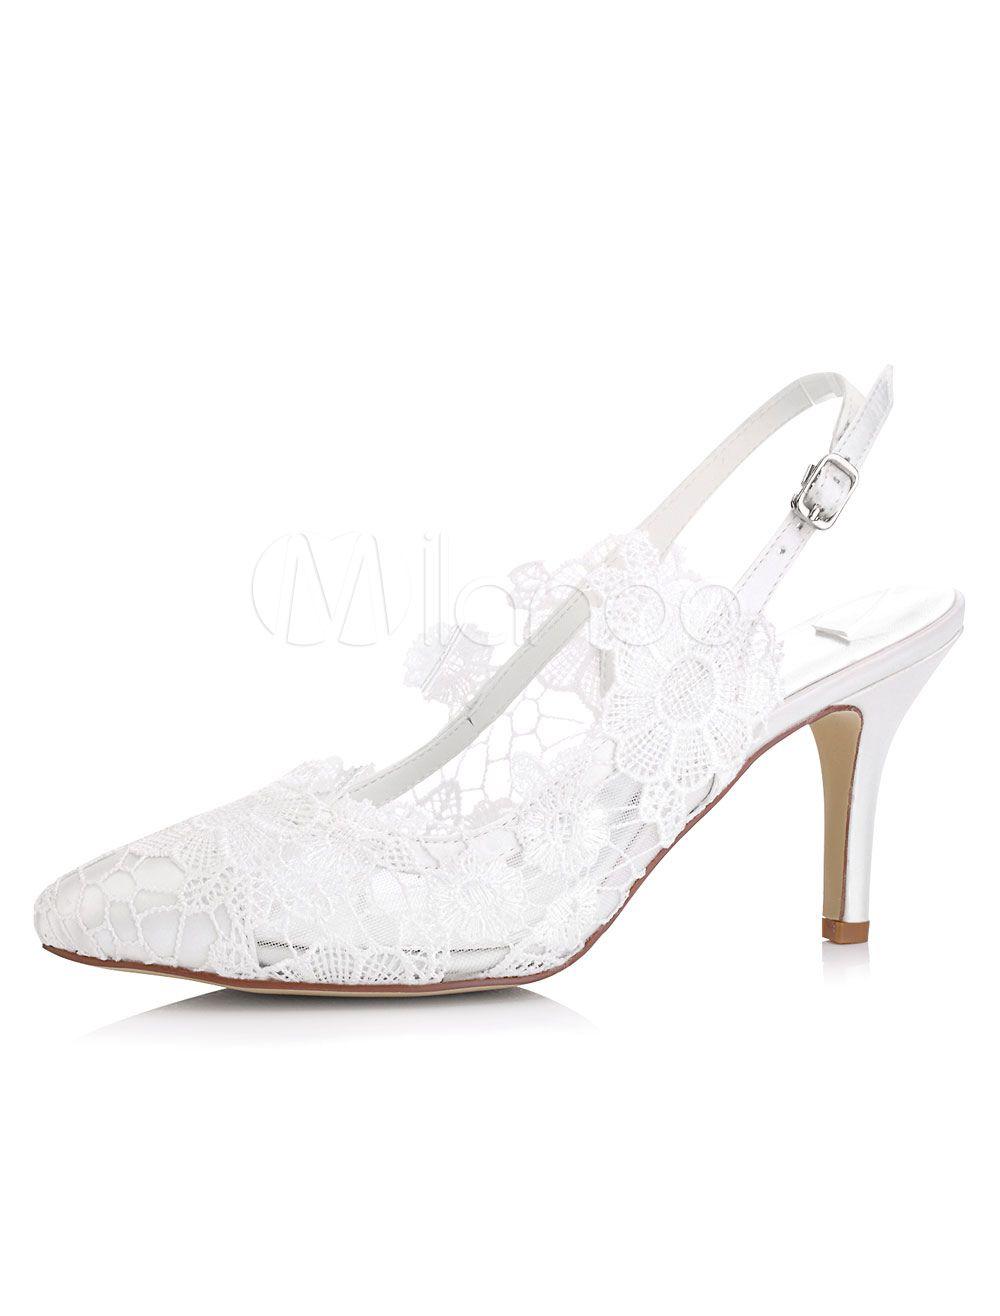 Spitze Hochzeit Schuhe Kitten Heel Toe Flower Satin Brautschuhe